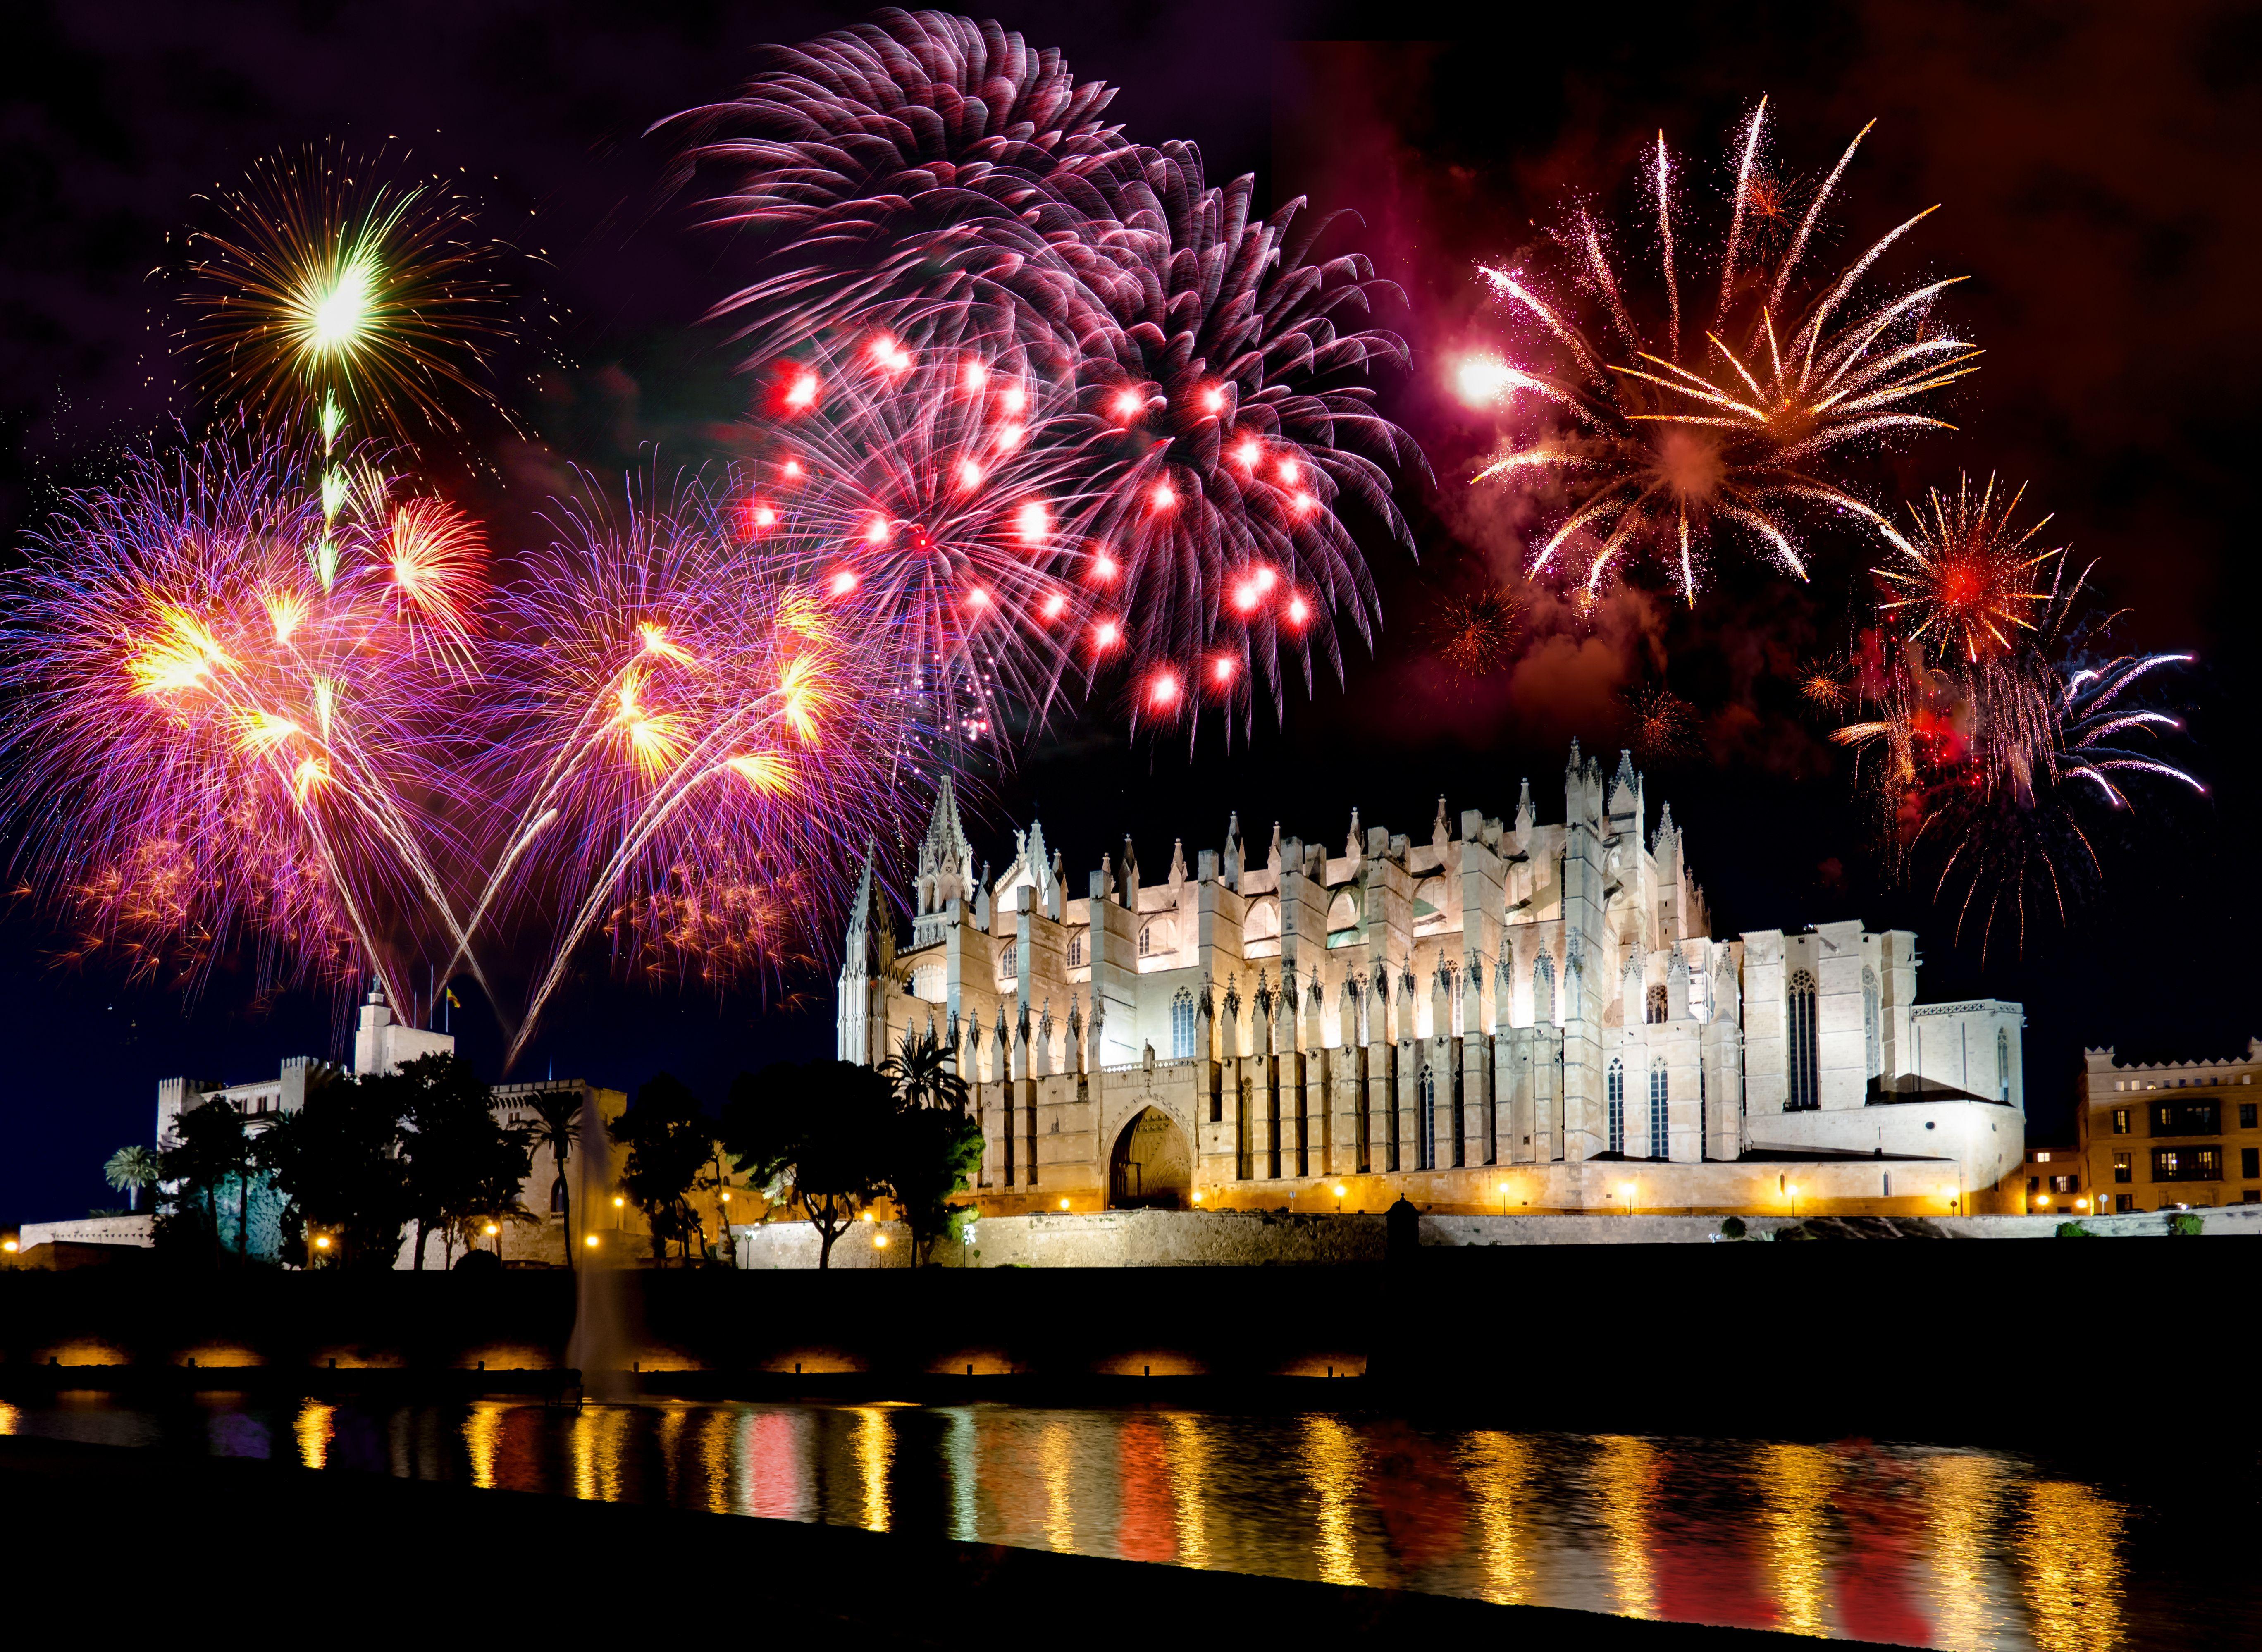 09_Feuerwerk Palma de Mallorca_(c)_AdobeStock